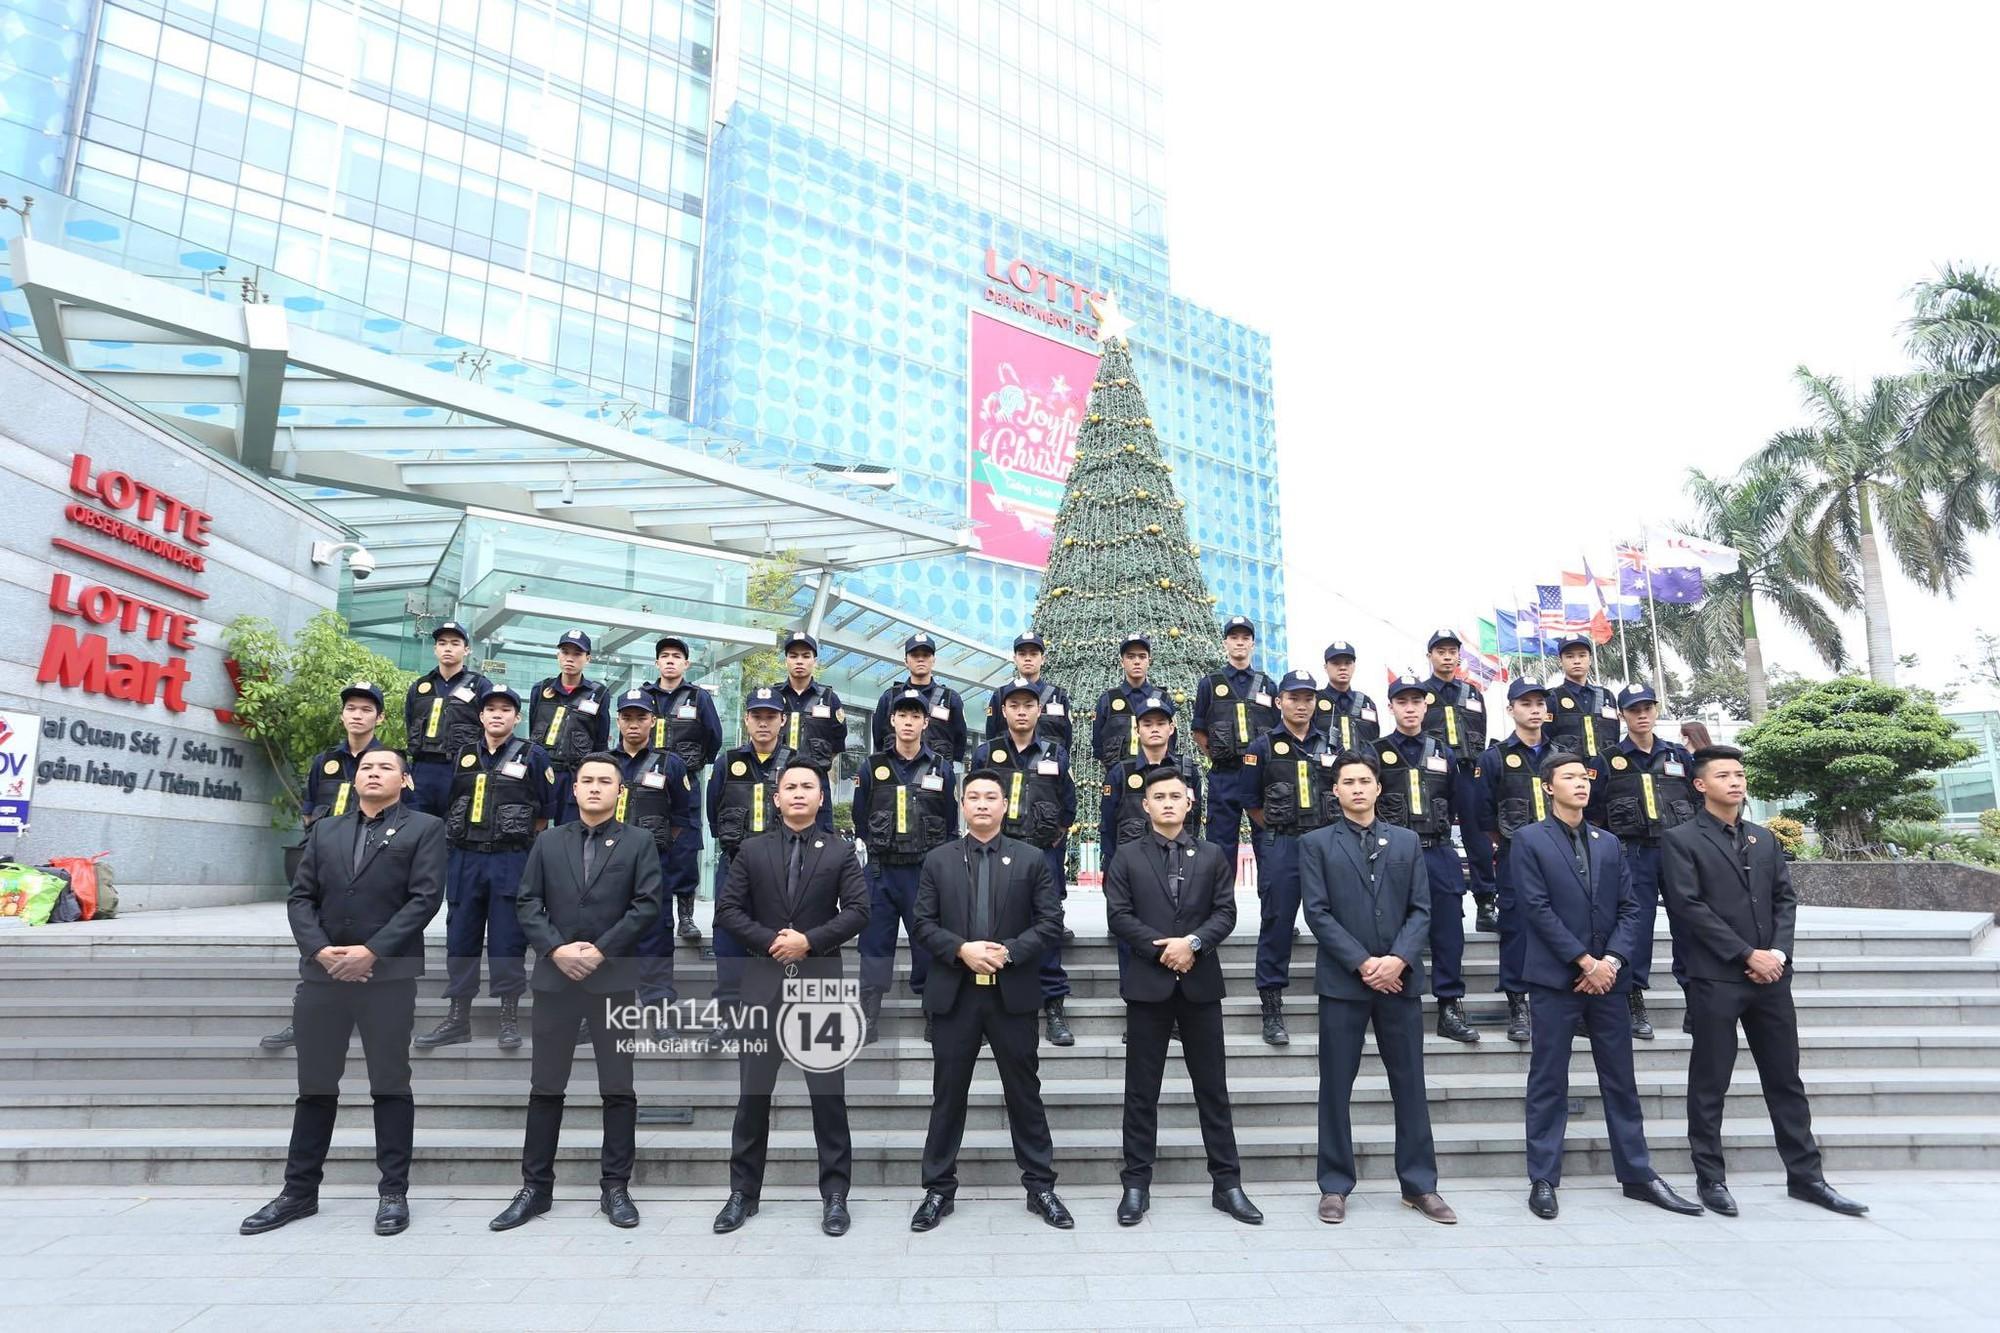 Mỹ nam Taeyong tiết lộ muốn ở lại Việt Nam, NCT 127 đồng loạt tỏ tình Anh yêu em với fan tại họp báo ở Hà Nội - Ảnh 32.